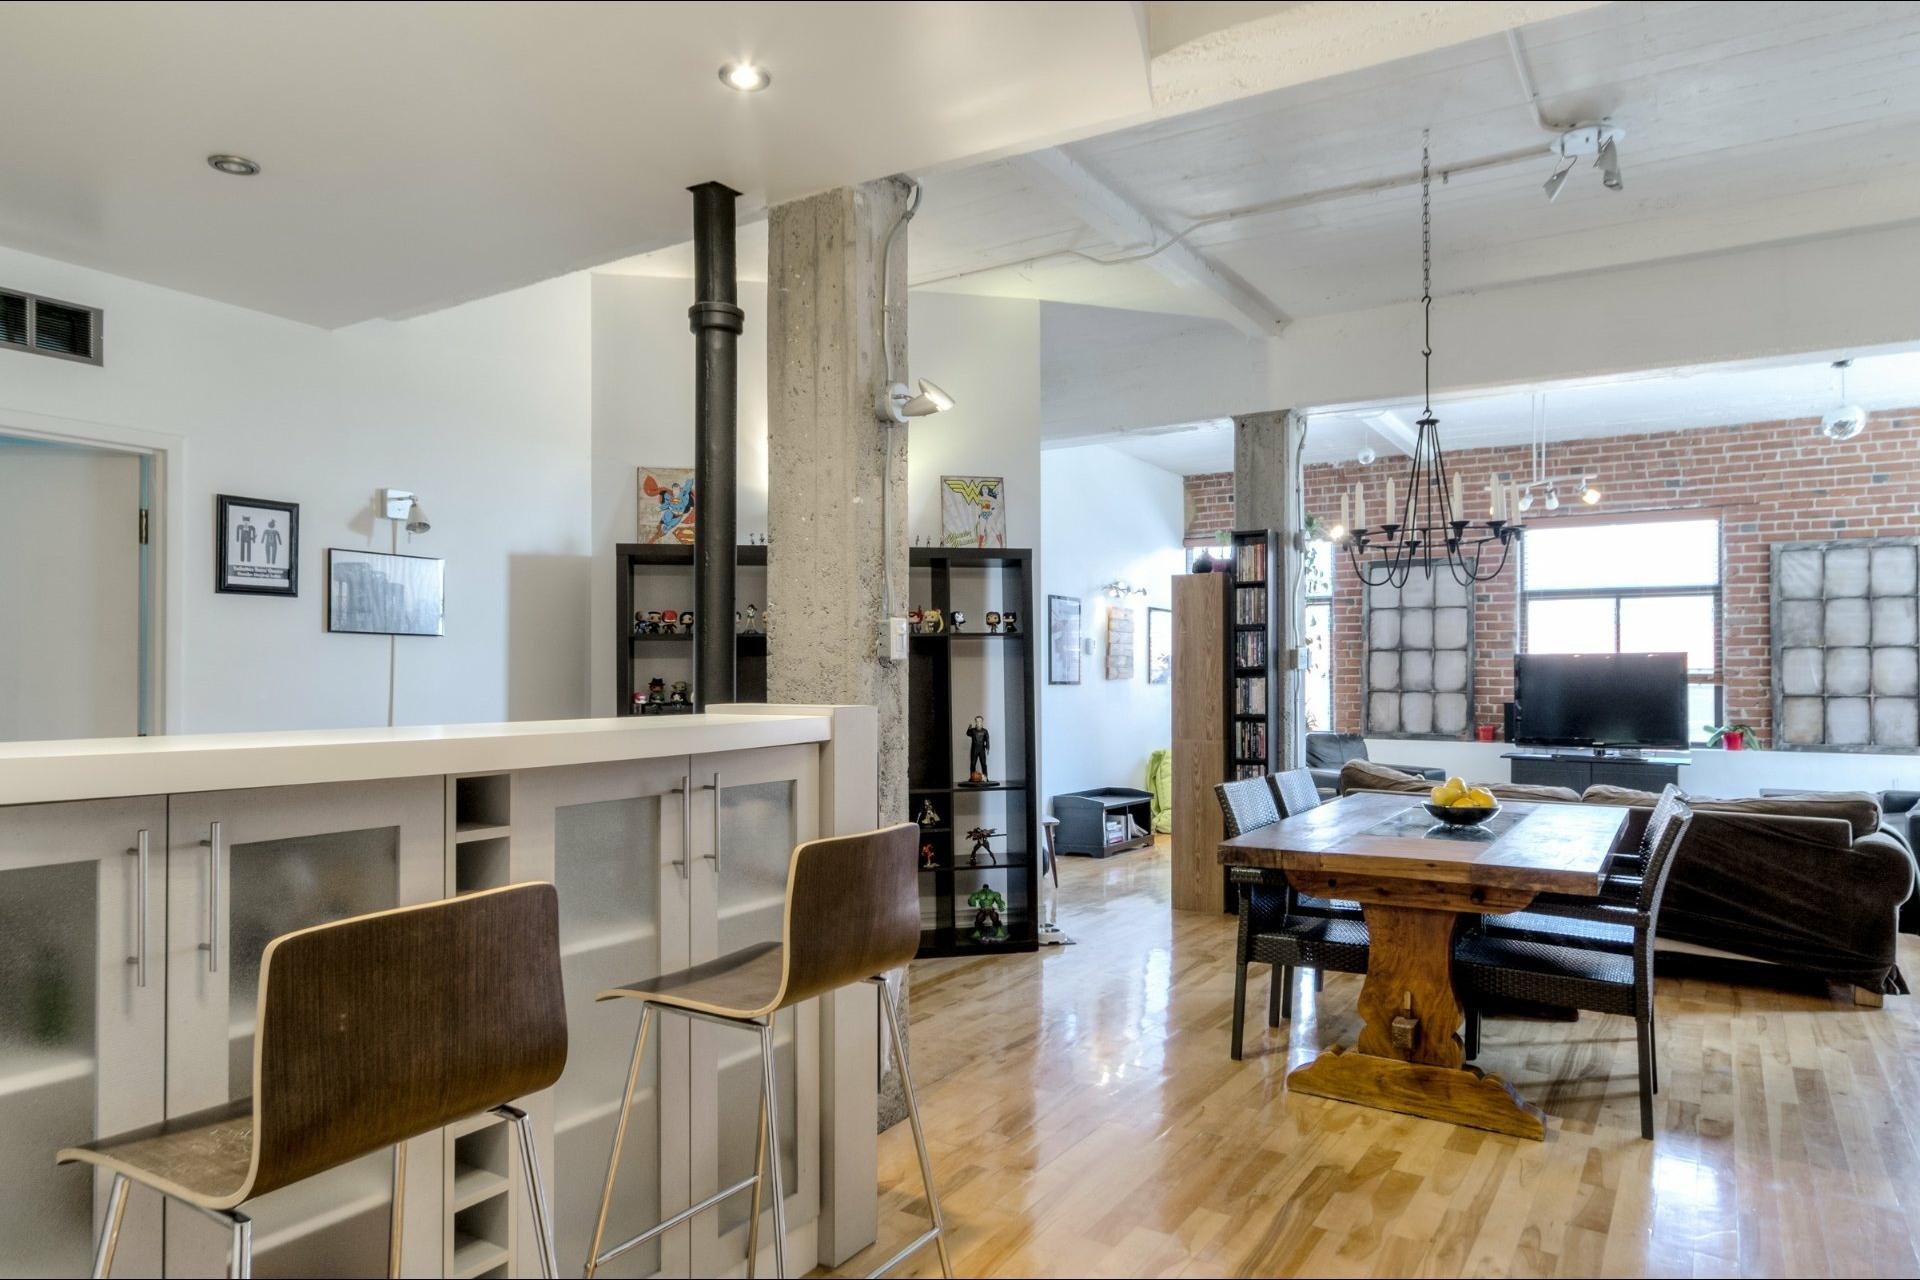 image 1 - Appartement À vendre Montréal Ville-Marie  - 8 pièces